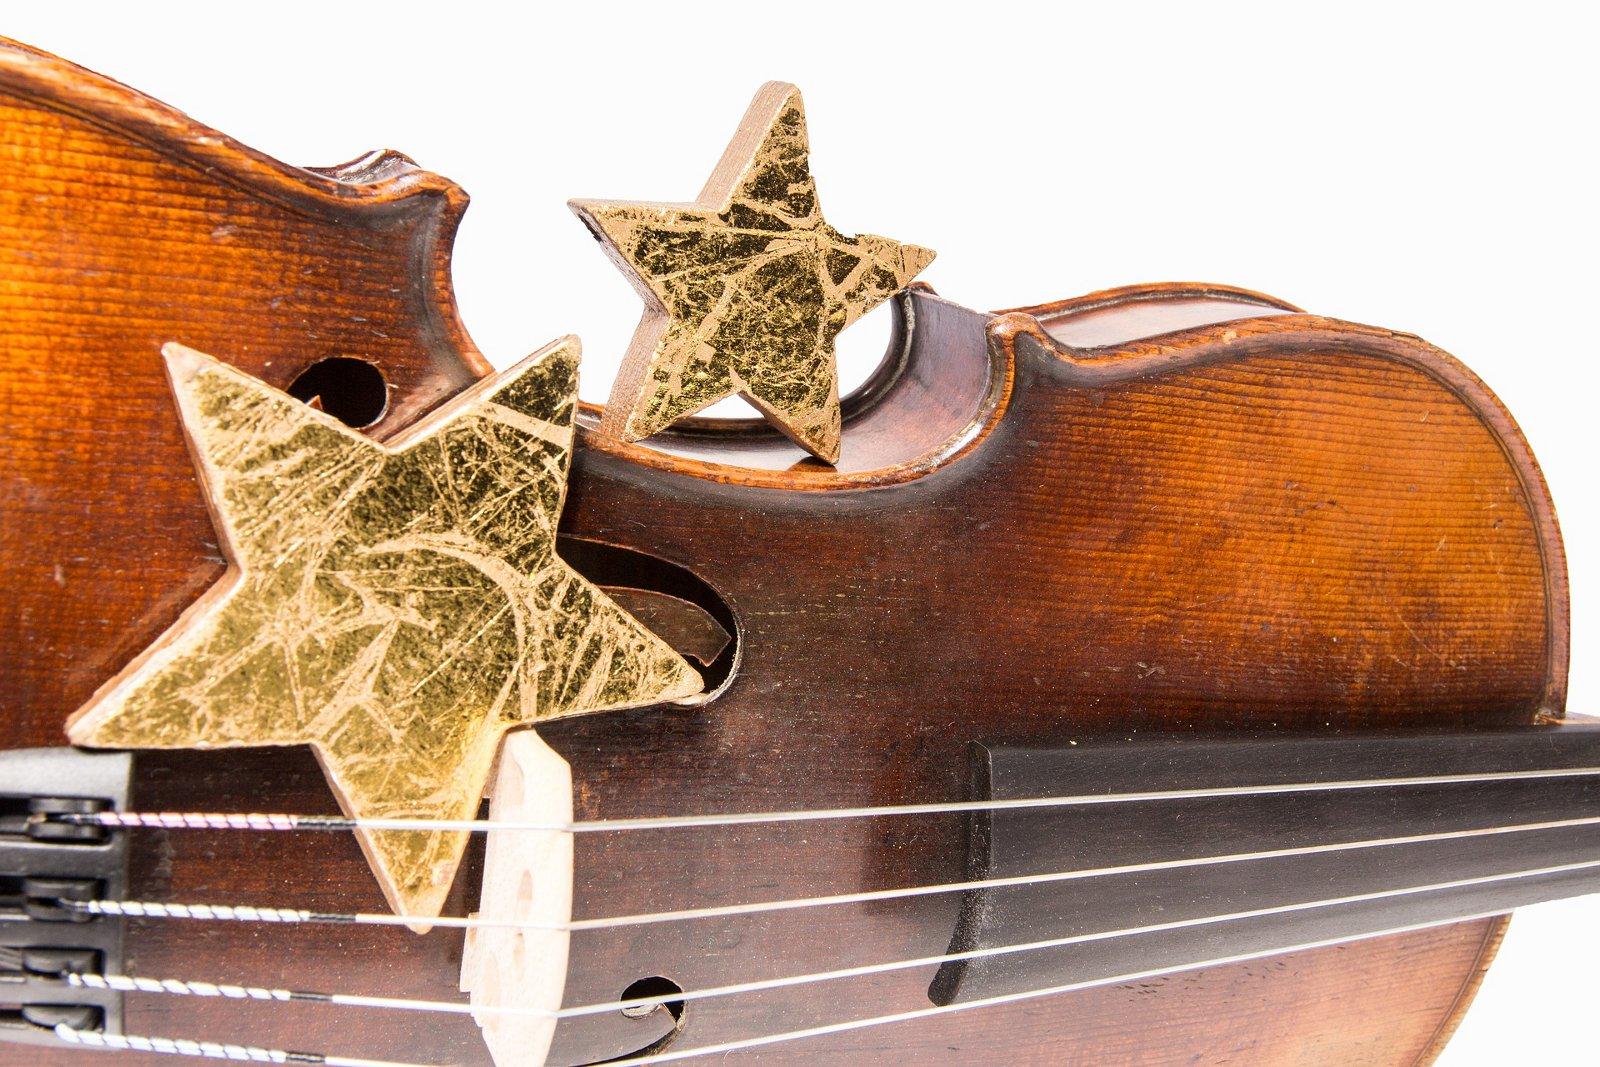 concert de noel 2018 en alsace Christmas concert   Wintzenheim Kochersberg concert de noel 2018 en alsace